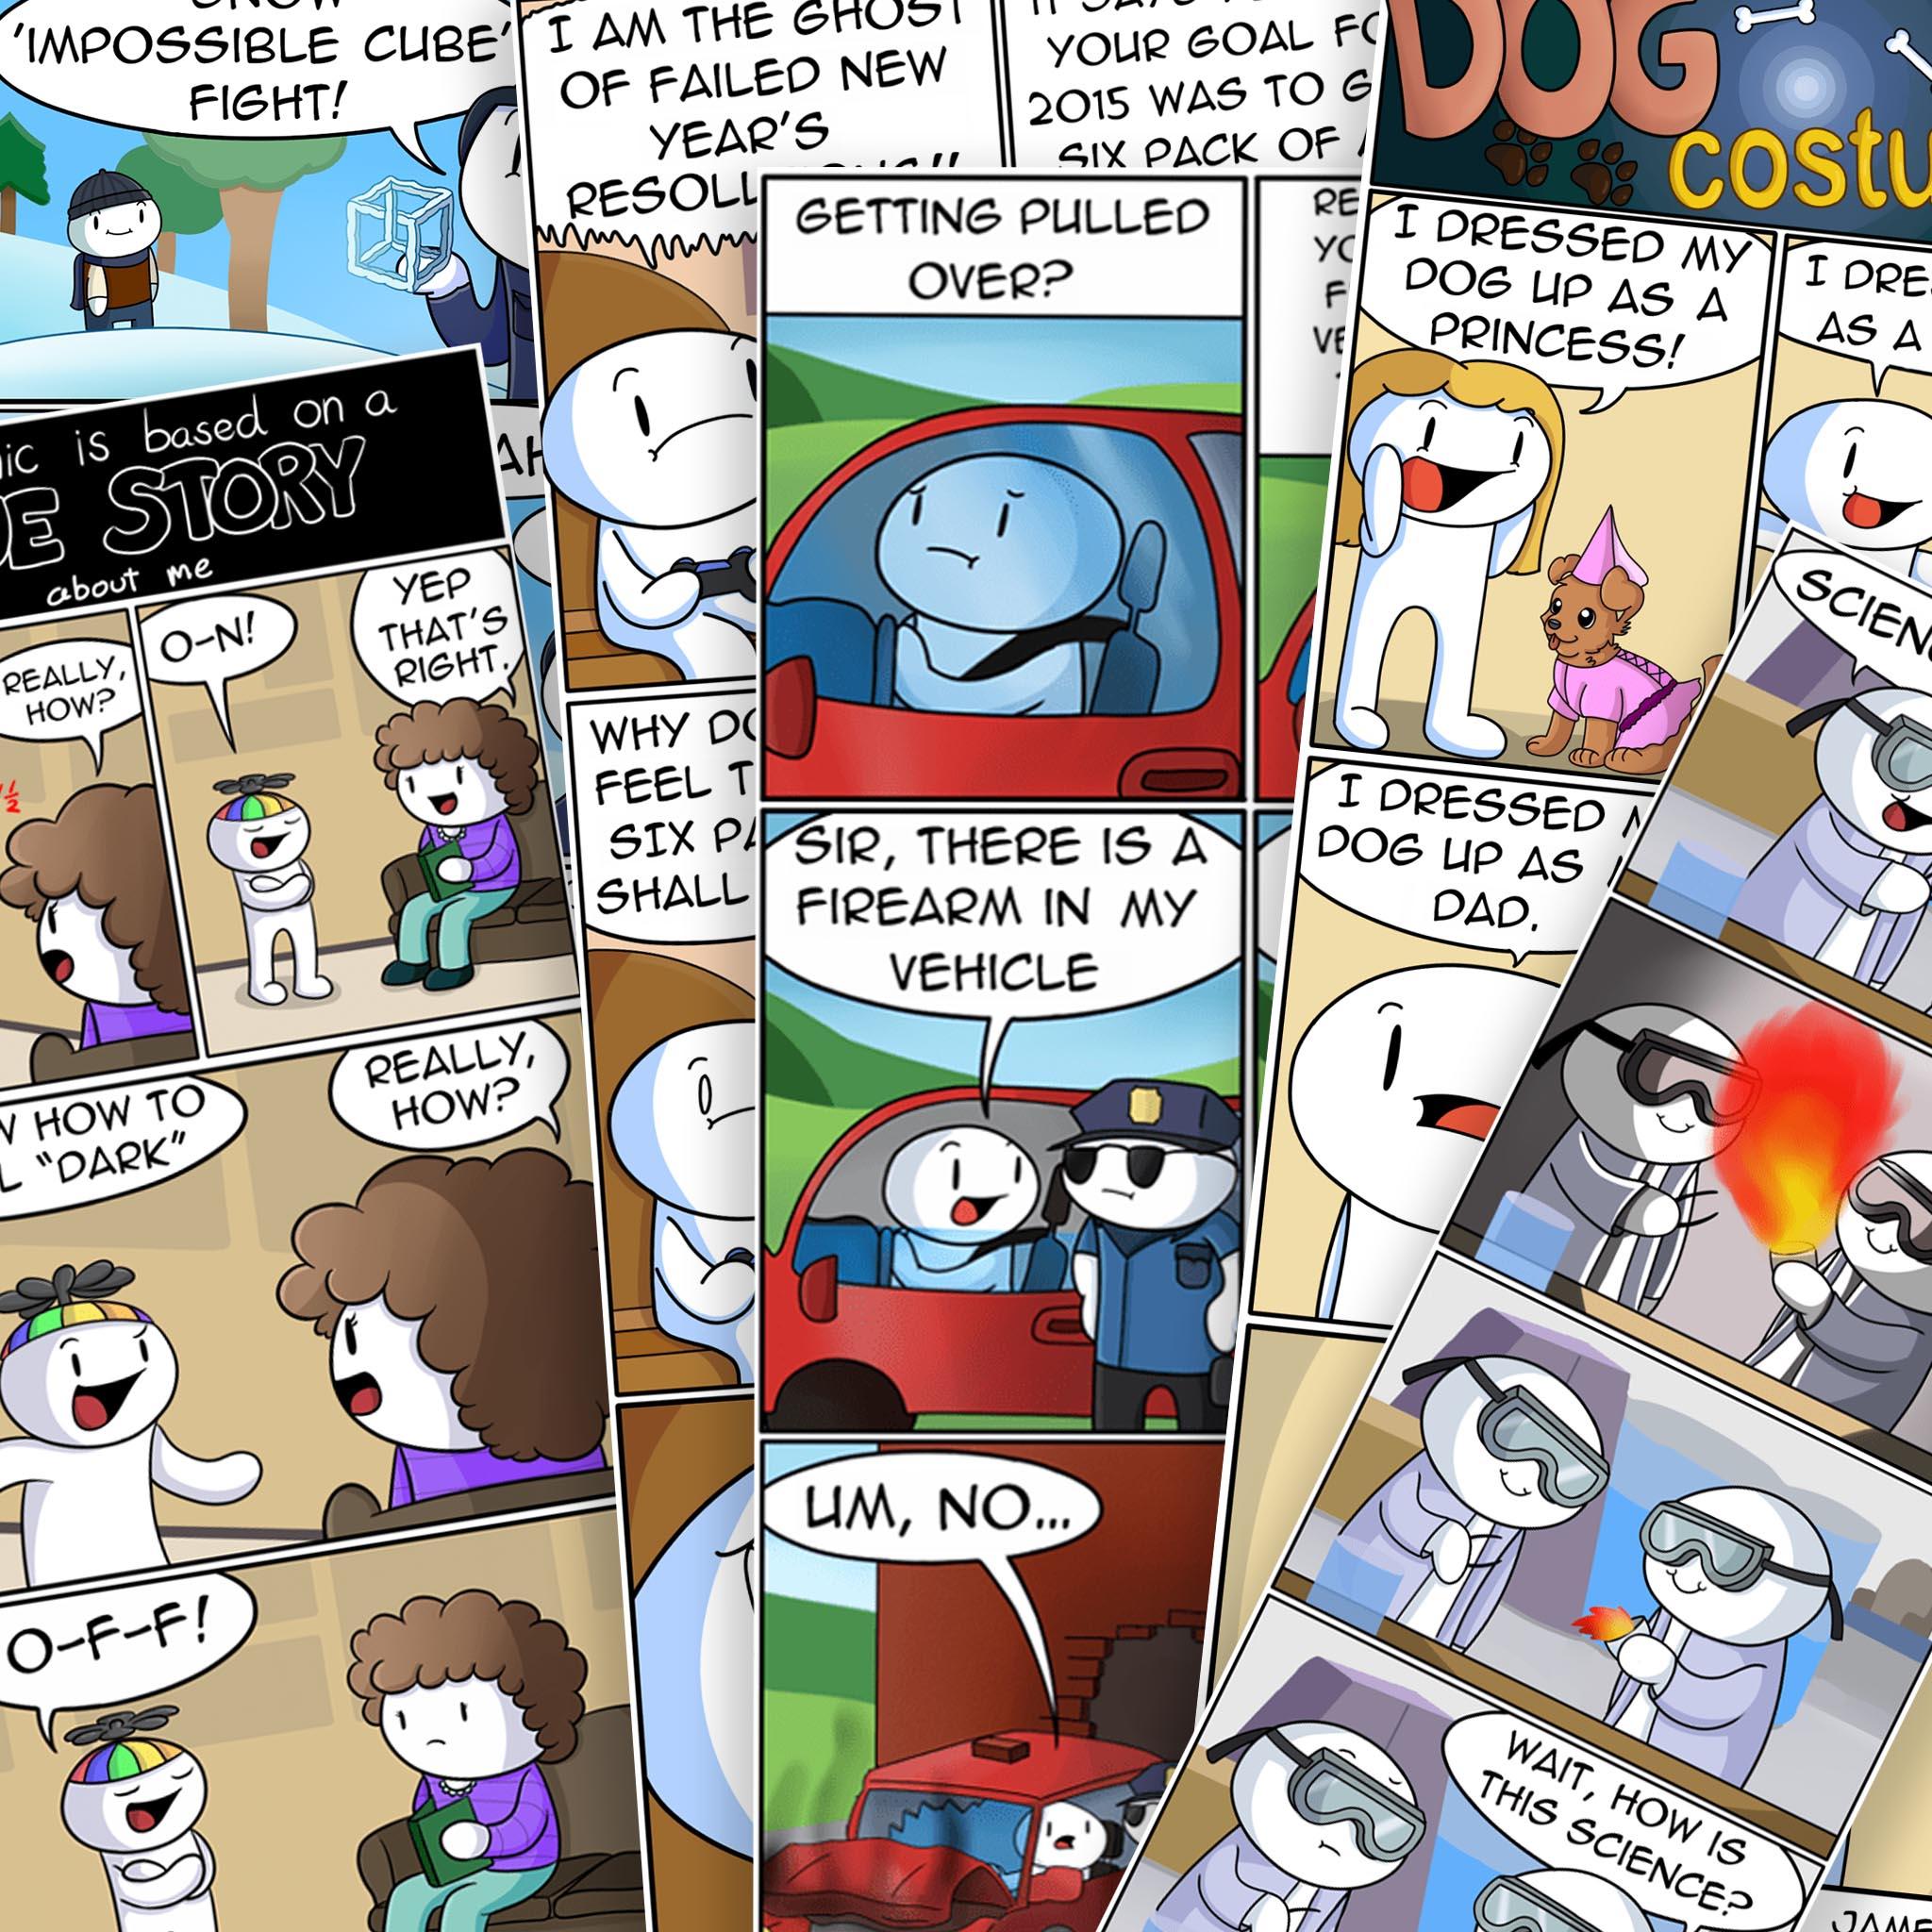 Comics Theodd1sout